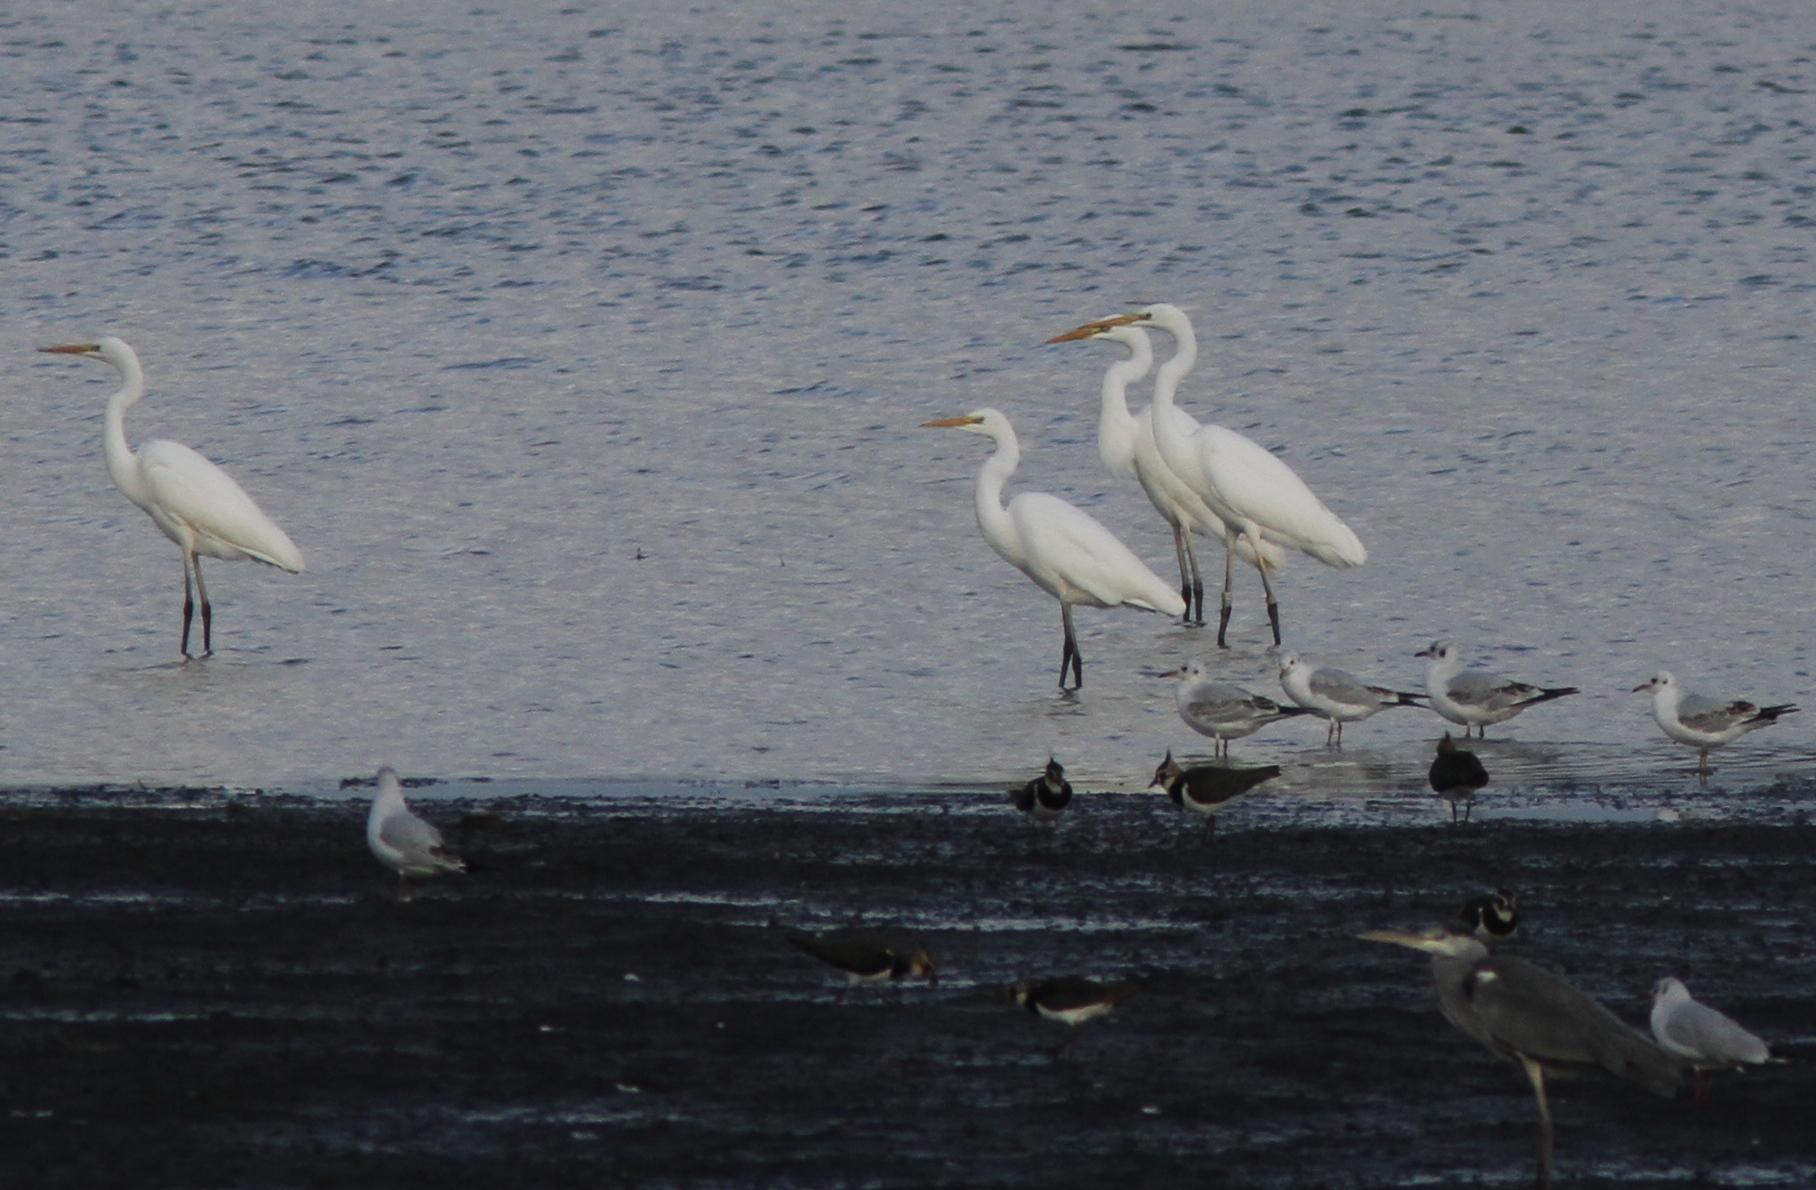 Rūšis: Didysis baltasis garnys. Nuotraukos autorius: Morkūnas J.